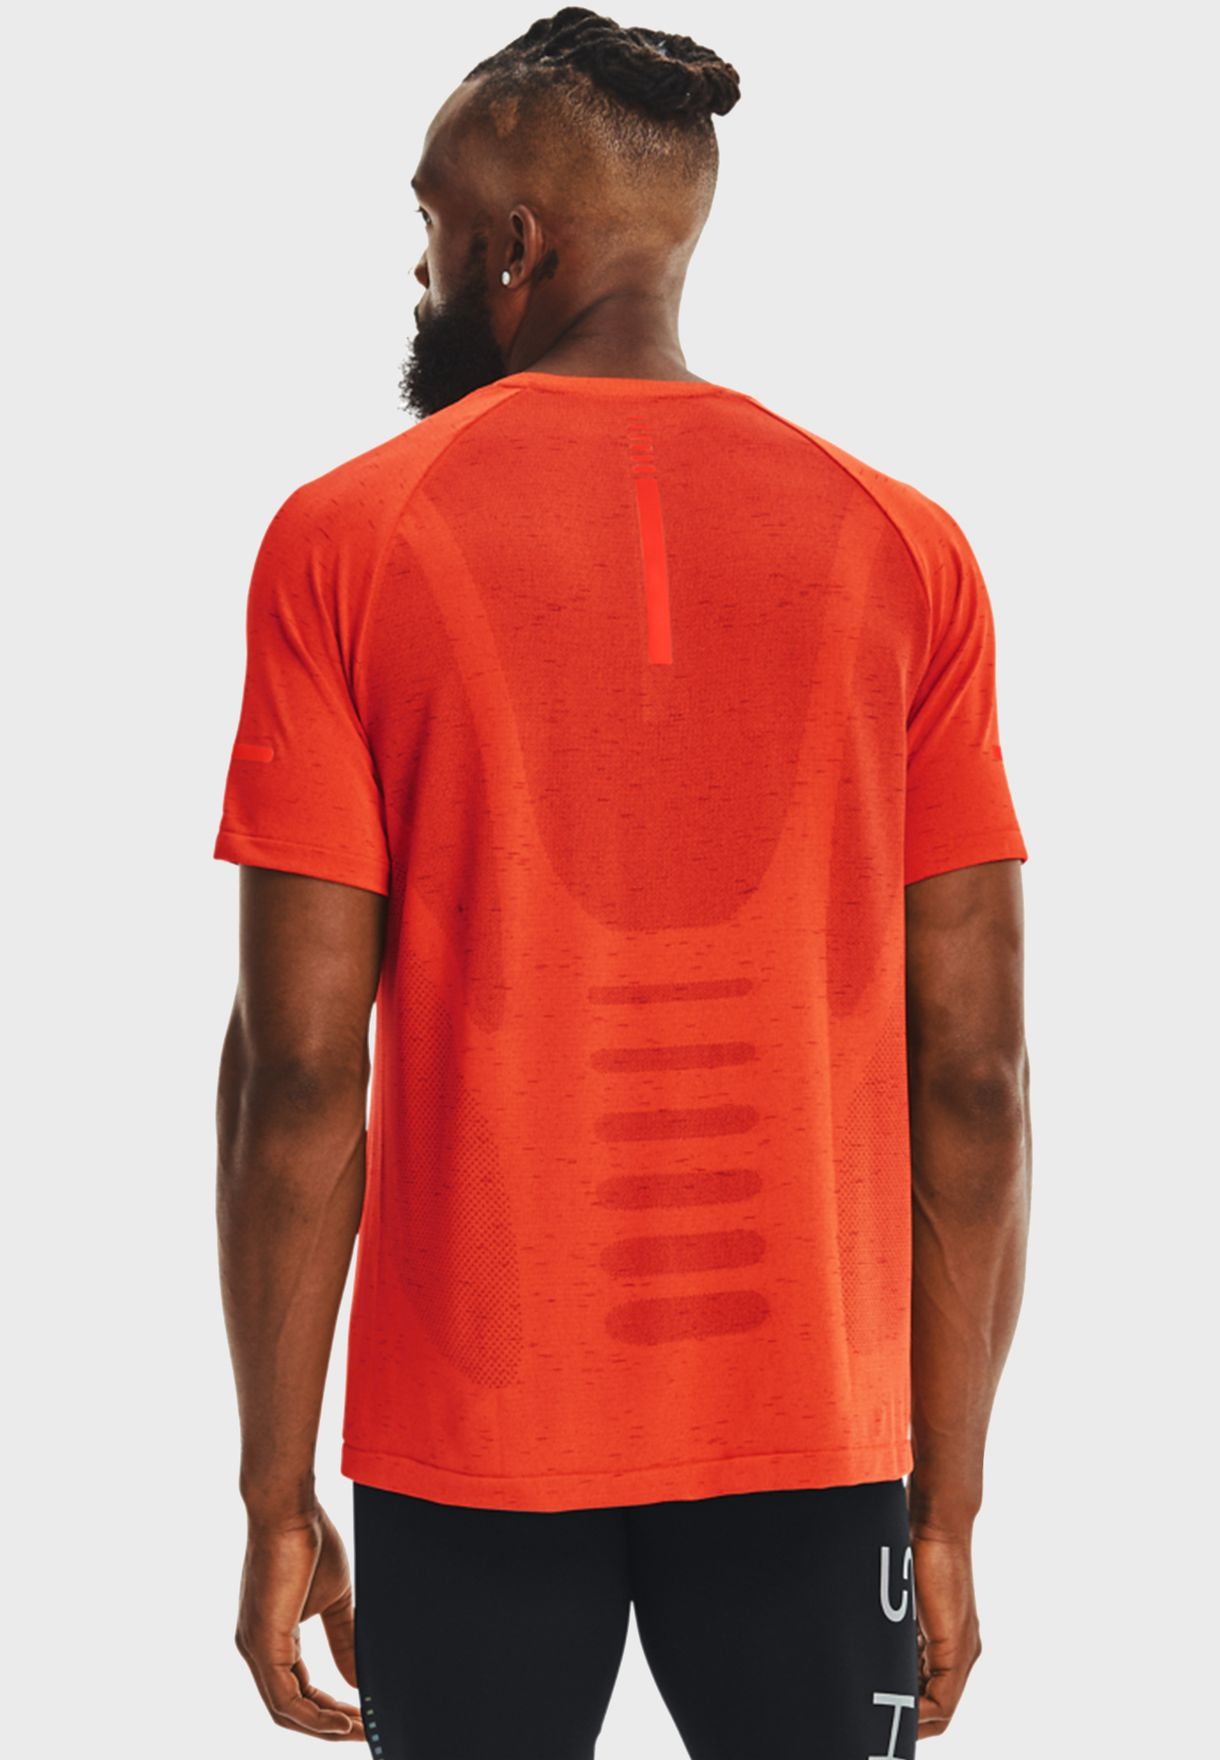 Seamless Run T-Shirt